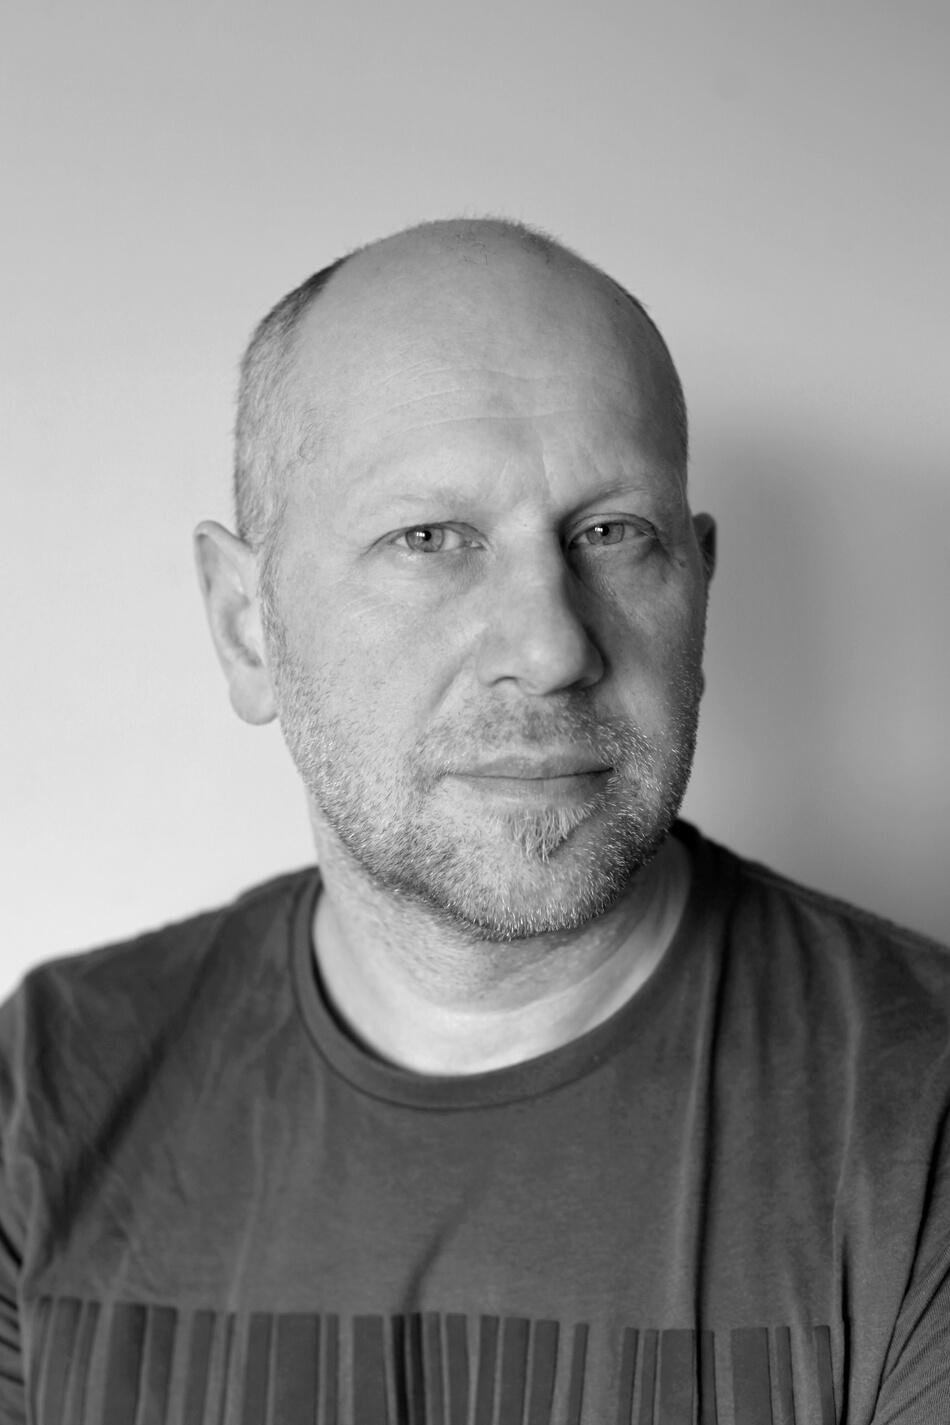 Algis Kasparavičius